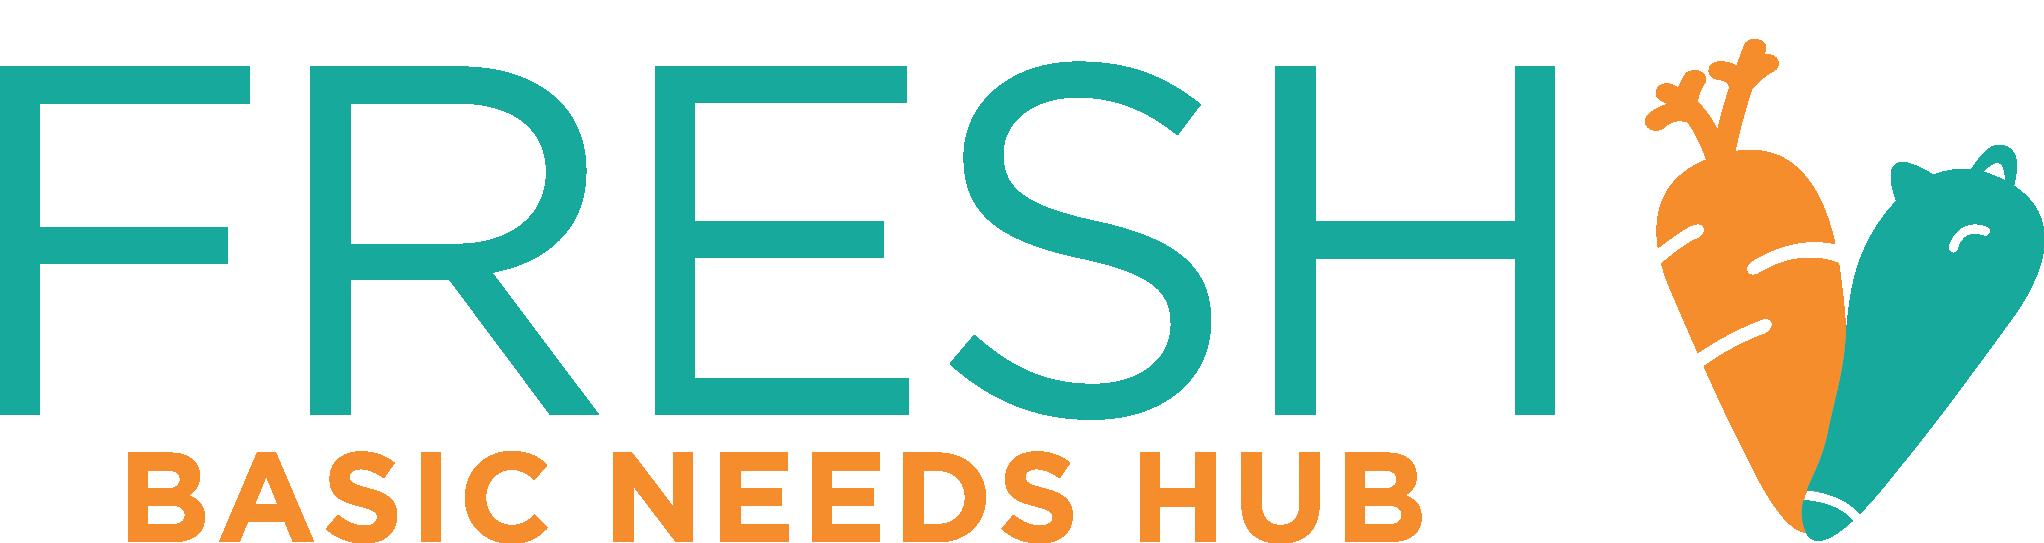 UC Irvine Fresh Basic Needs Hub logo